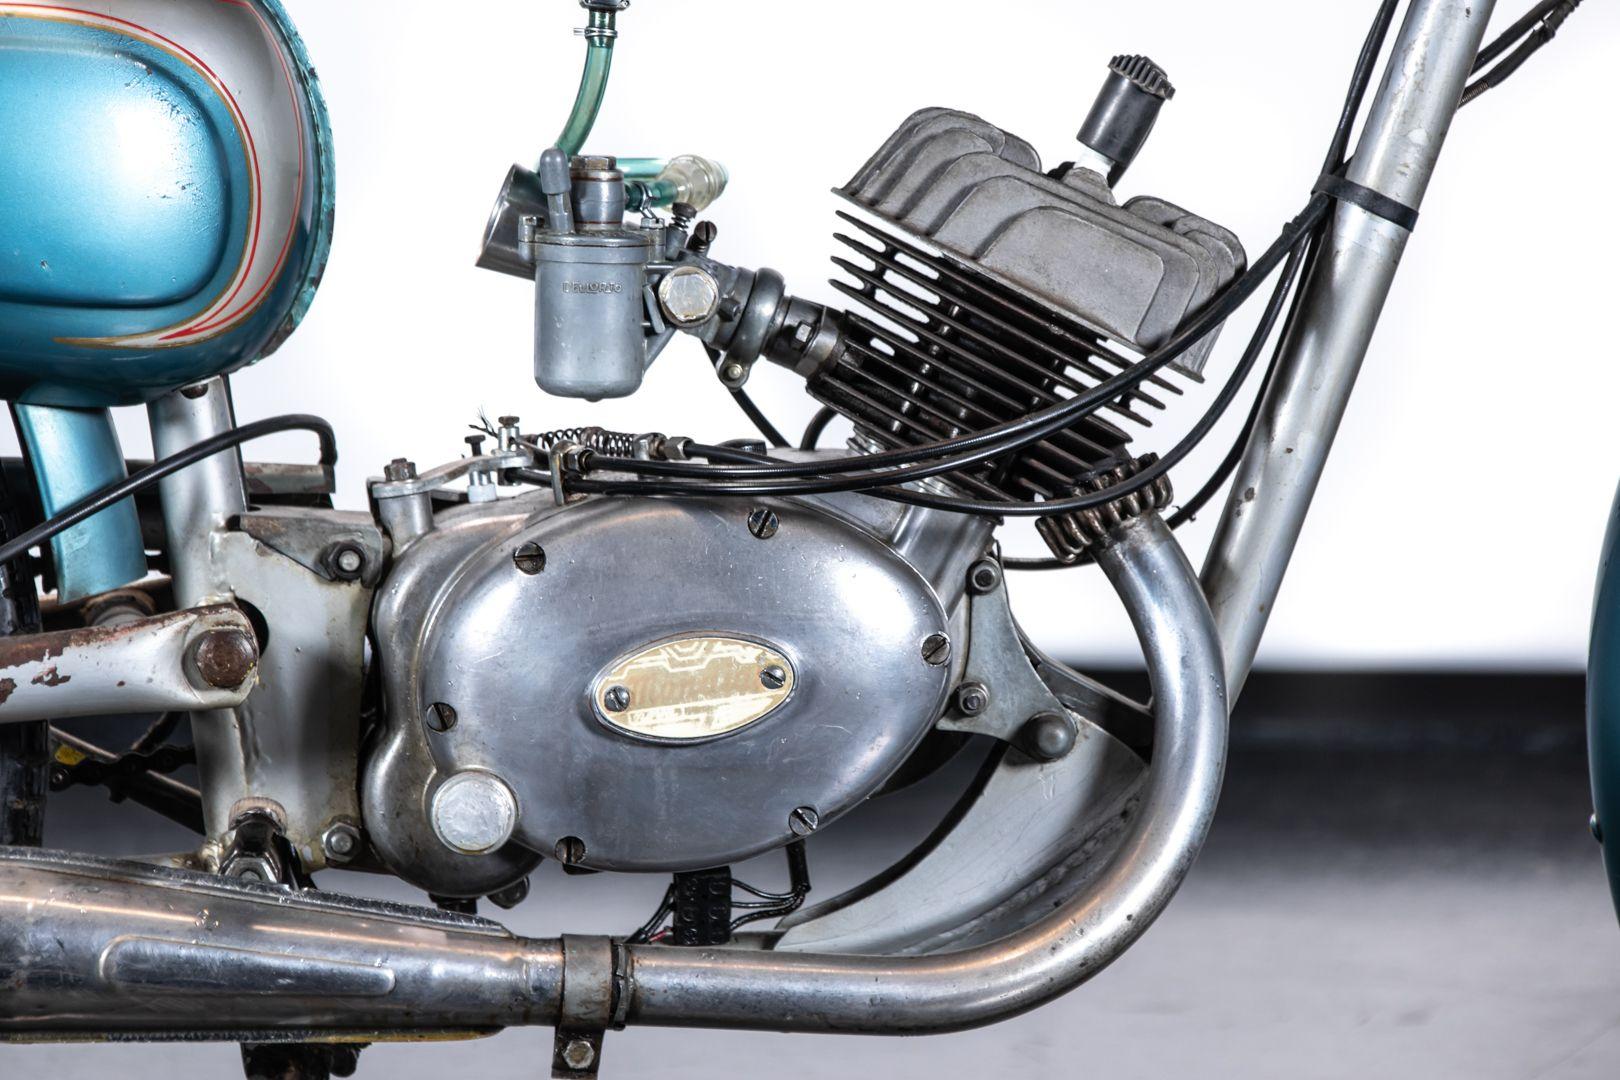 1963 Mondial 48 71958